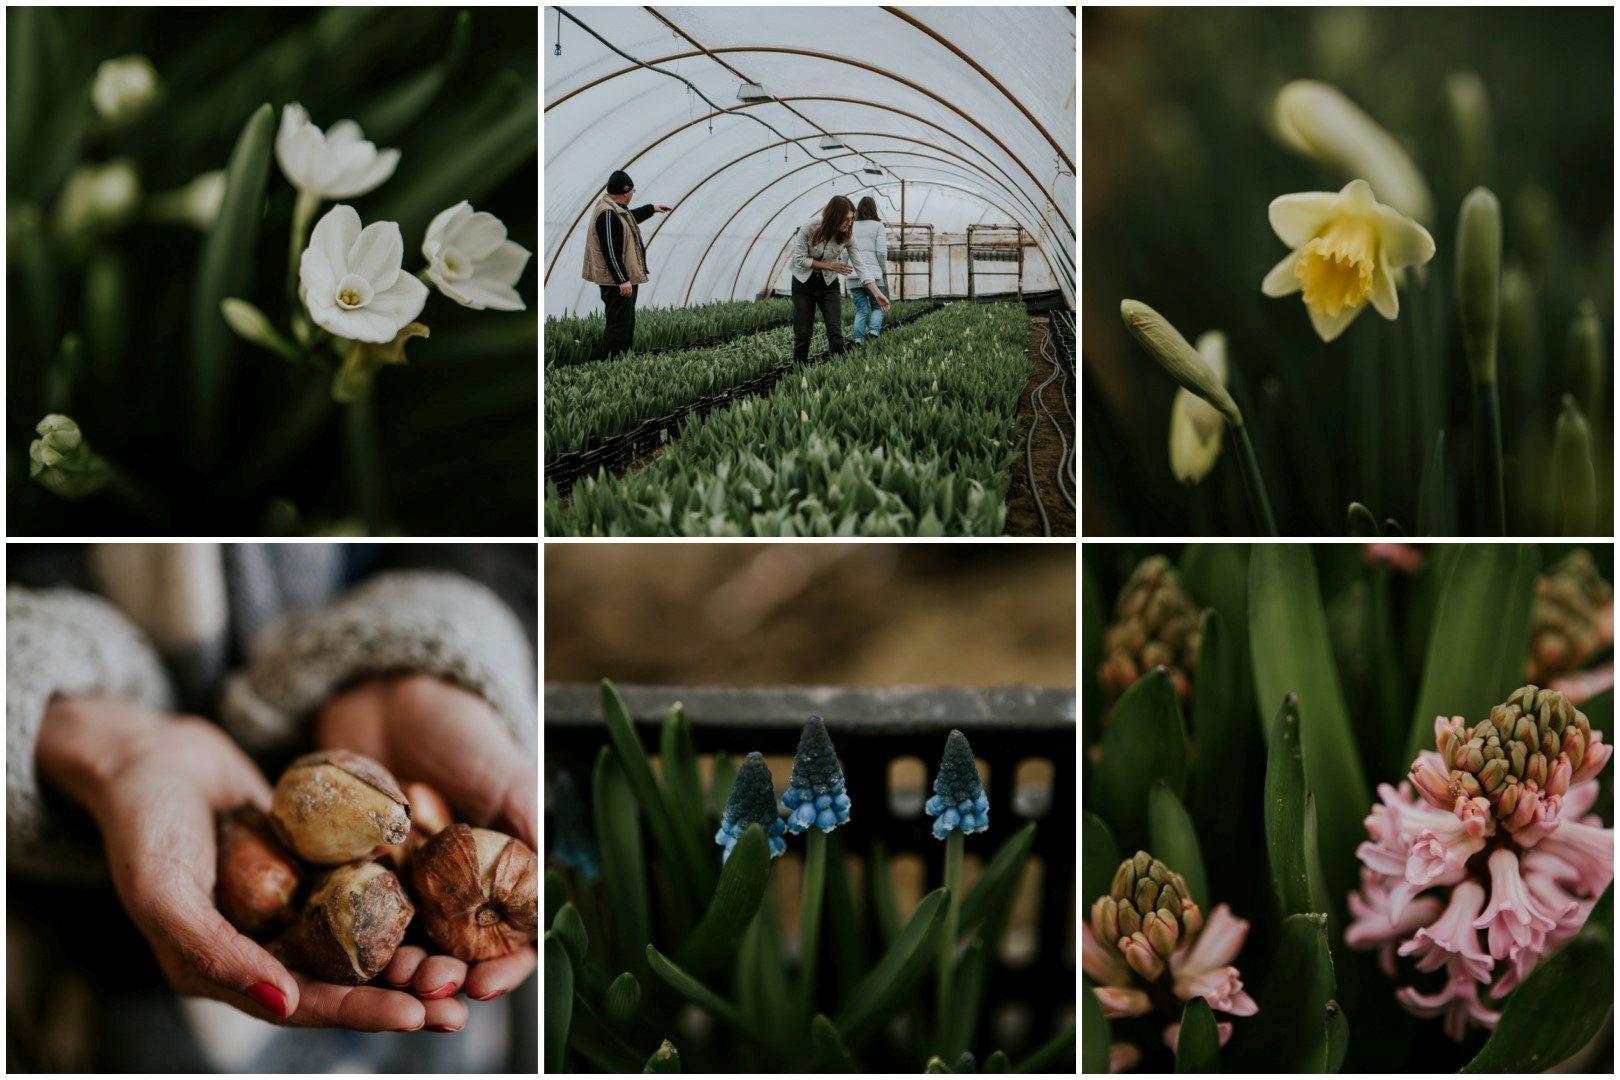 ,Wild Flower Bar,Klenovszki Mimi,virágbolt budapest,virágüzlet budapest,virágbolt,virágüzlet,budapesti virágbolt,legjobb budapesti virágüzlet,virágpiac,virág,tavasz,tulipán,nárcisz,